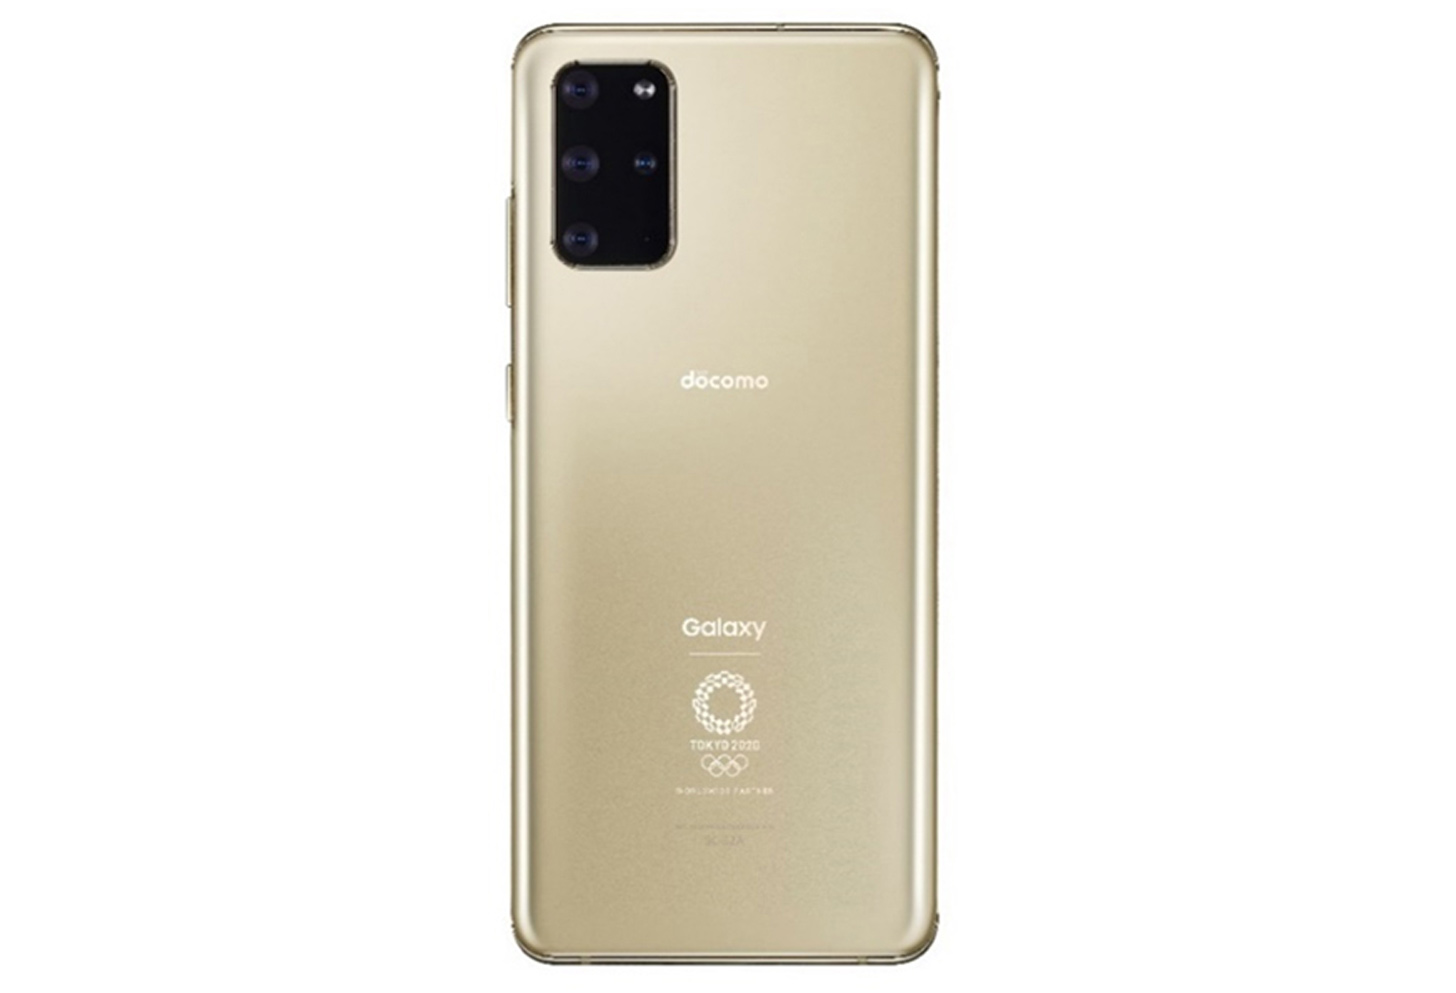 Galaxy Thế vận hội Olympic S20 + 5G được công bố với màu vàng mờ 3